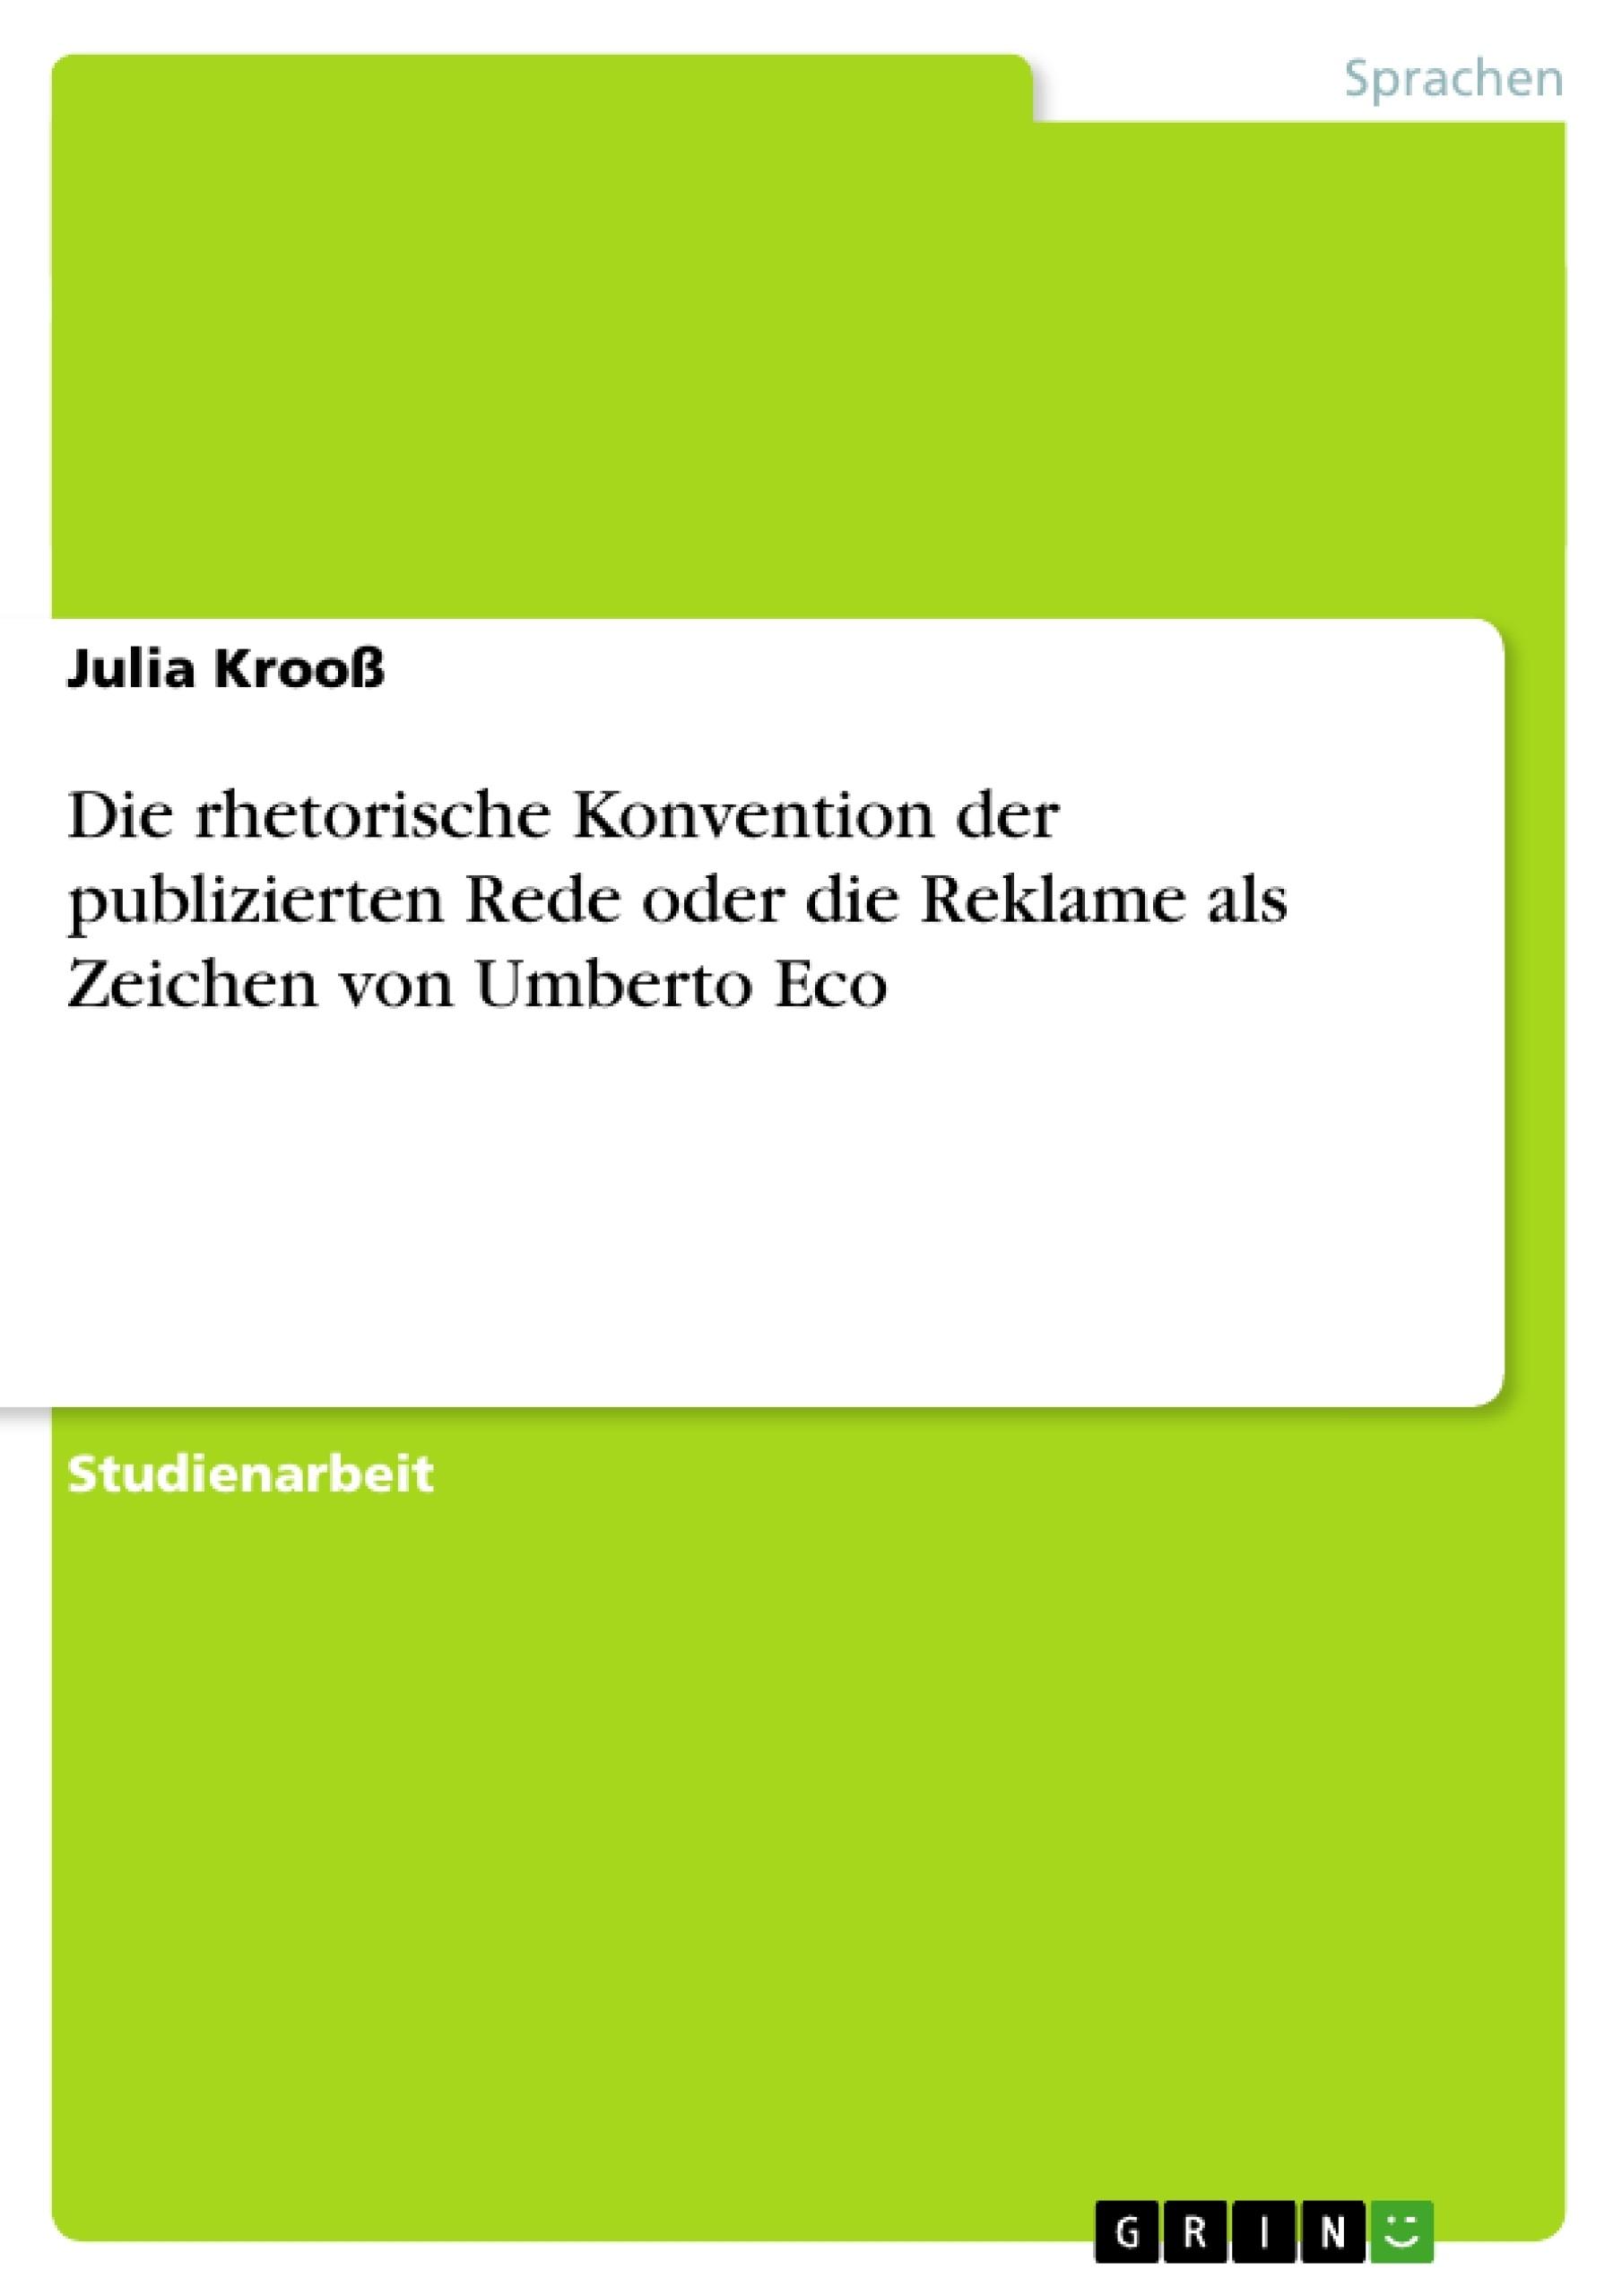 Titel: Die rhetorische Konvention der publizierten Rede oder die Reklame als Zeichen von Umberto Eco